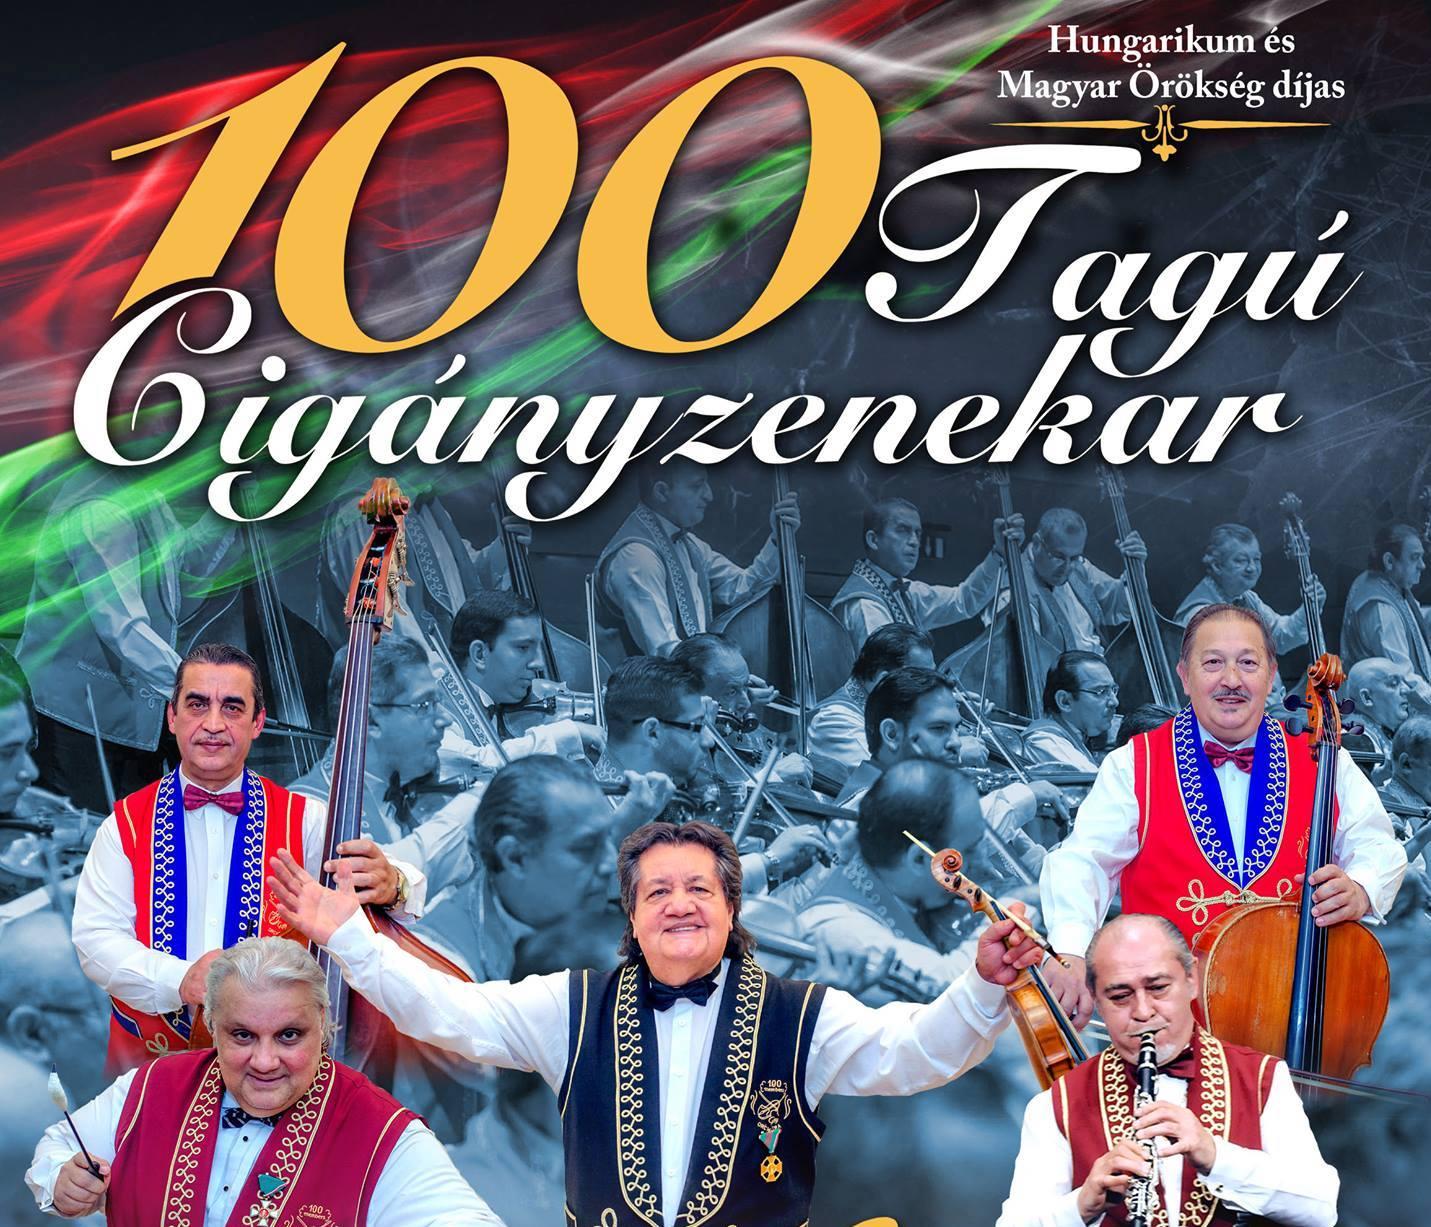 100 tagú cigányzenekar Aréna koncert 2018